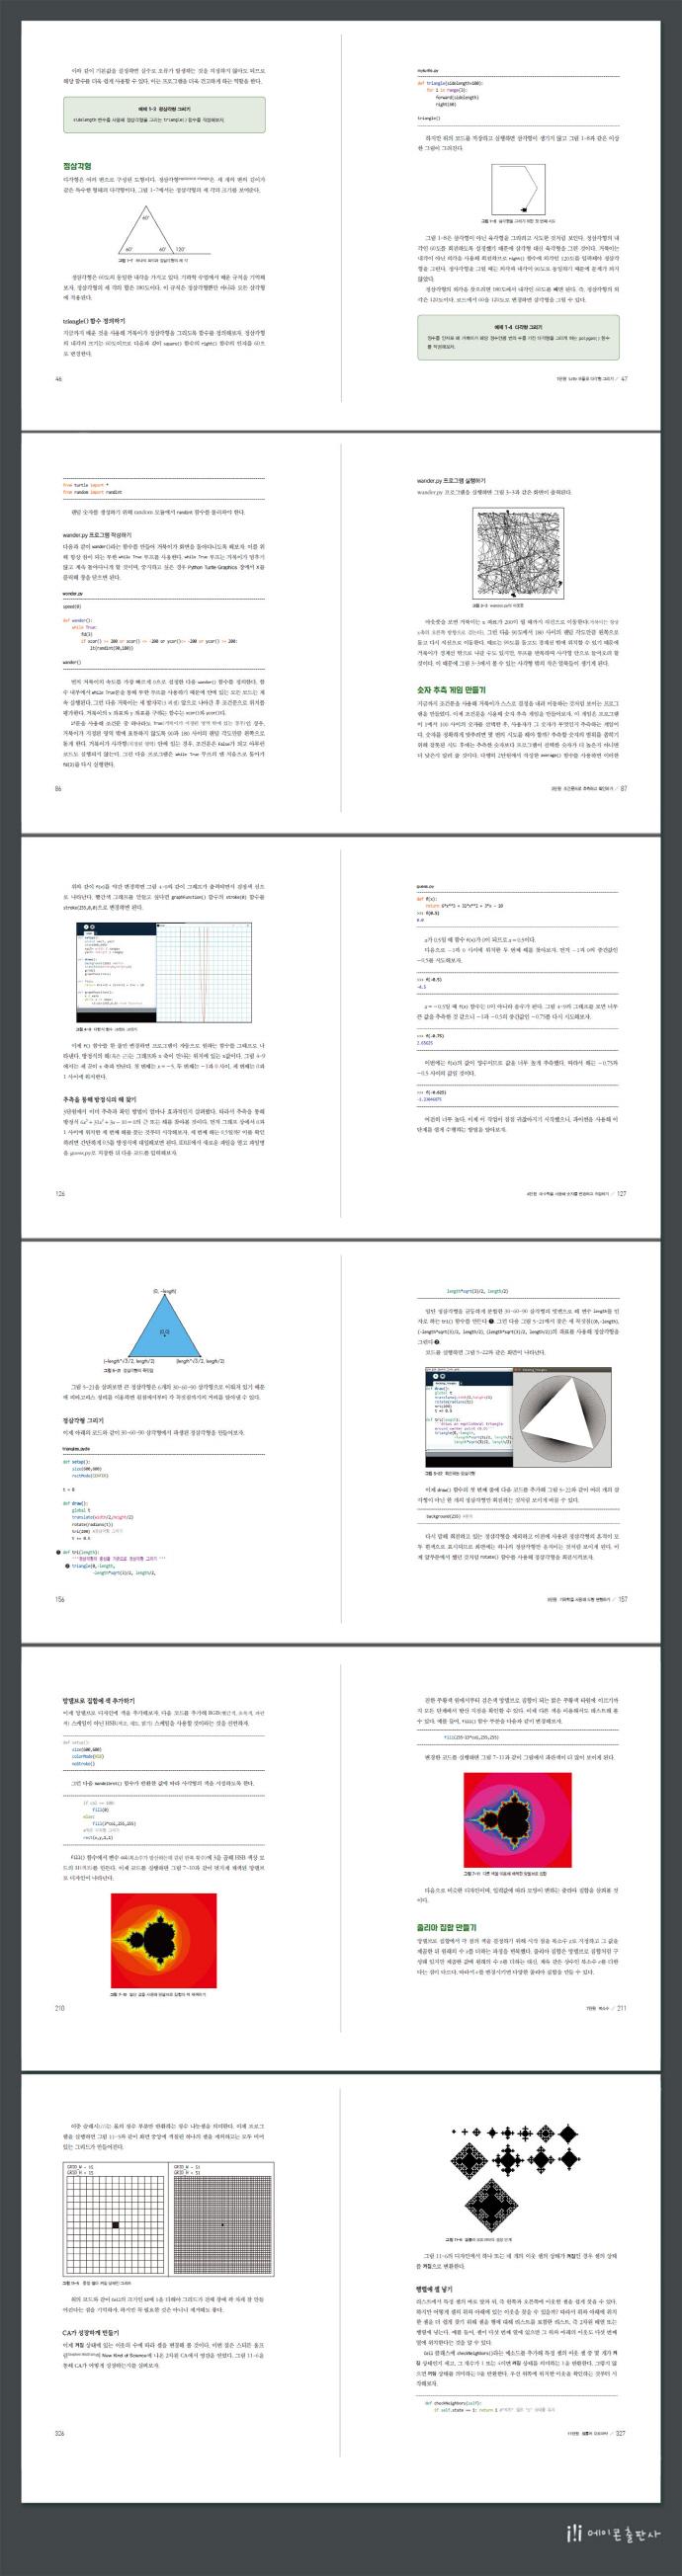 파이썬과 함께 하는 수학 어드벤처 도서 상세이미지